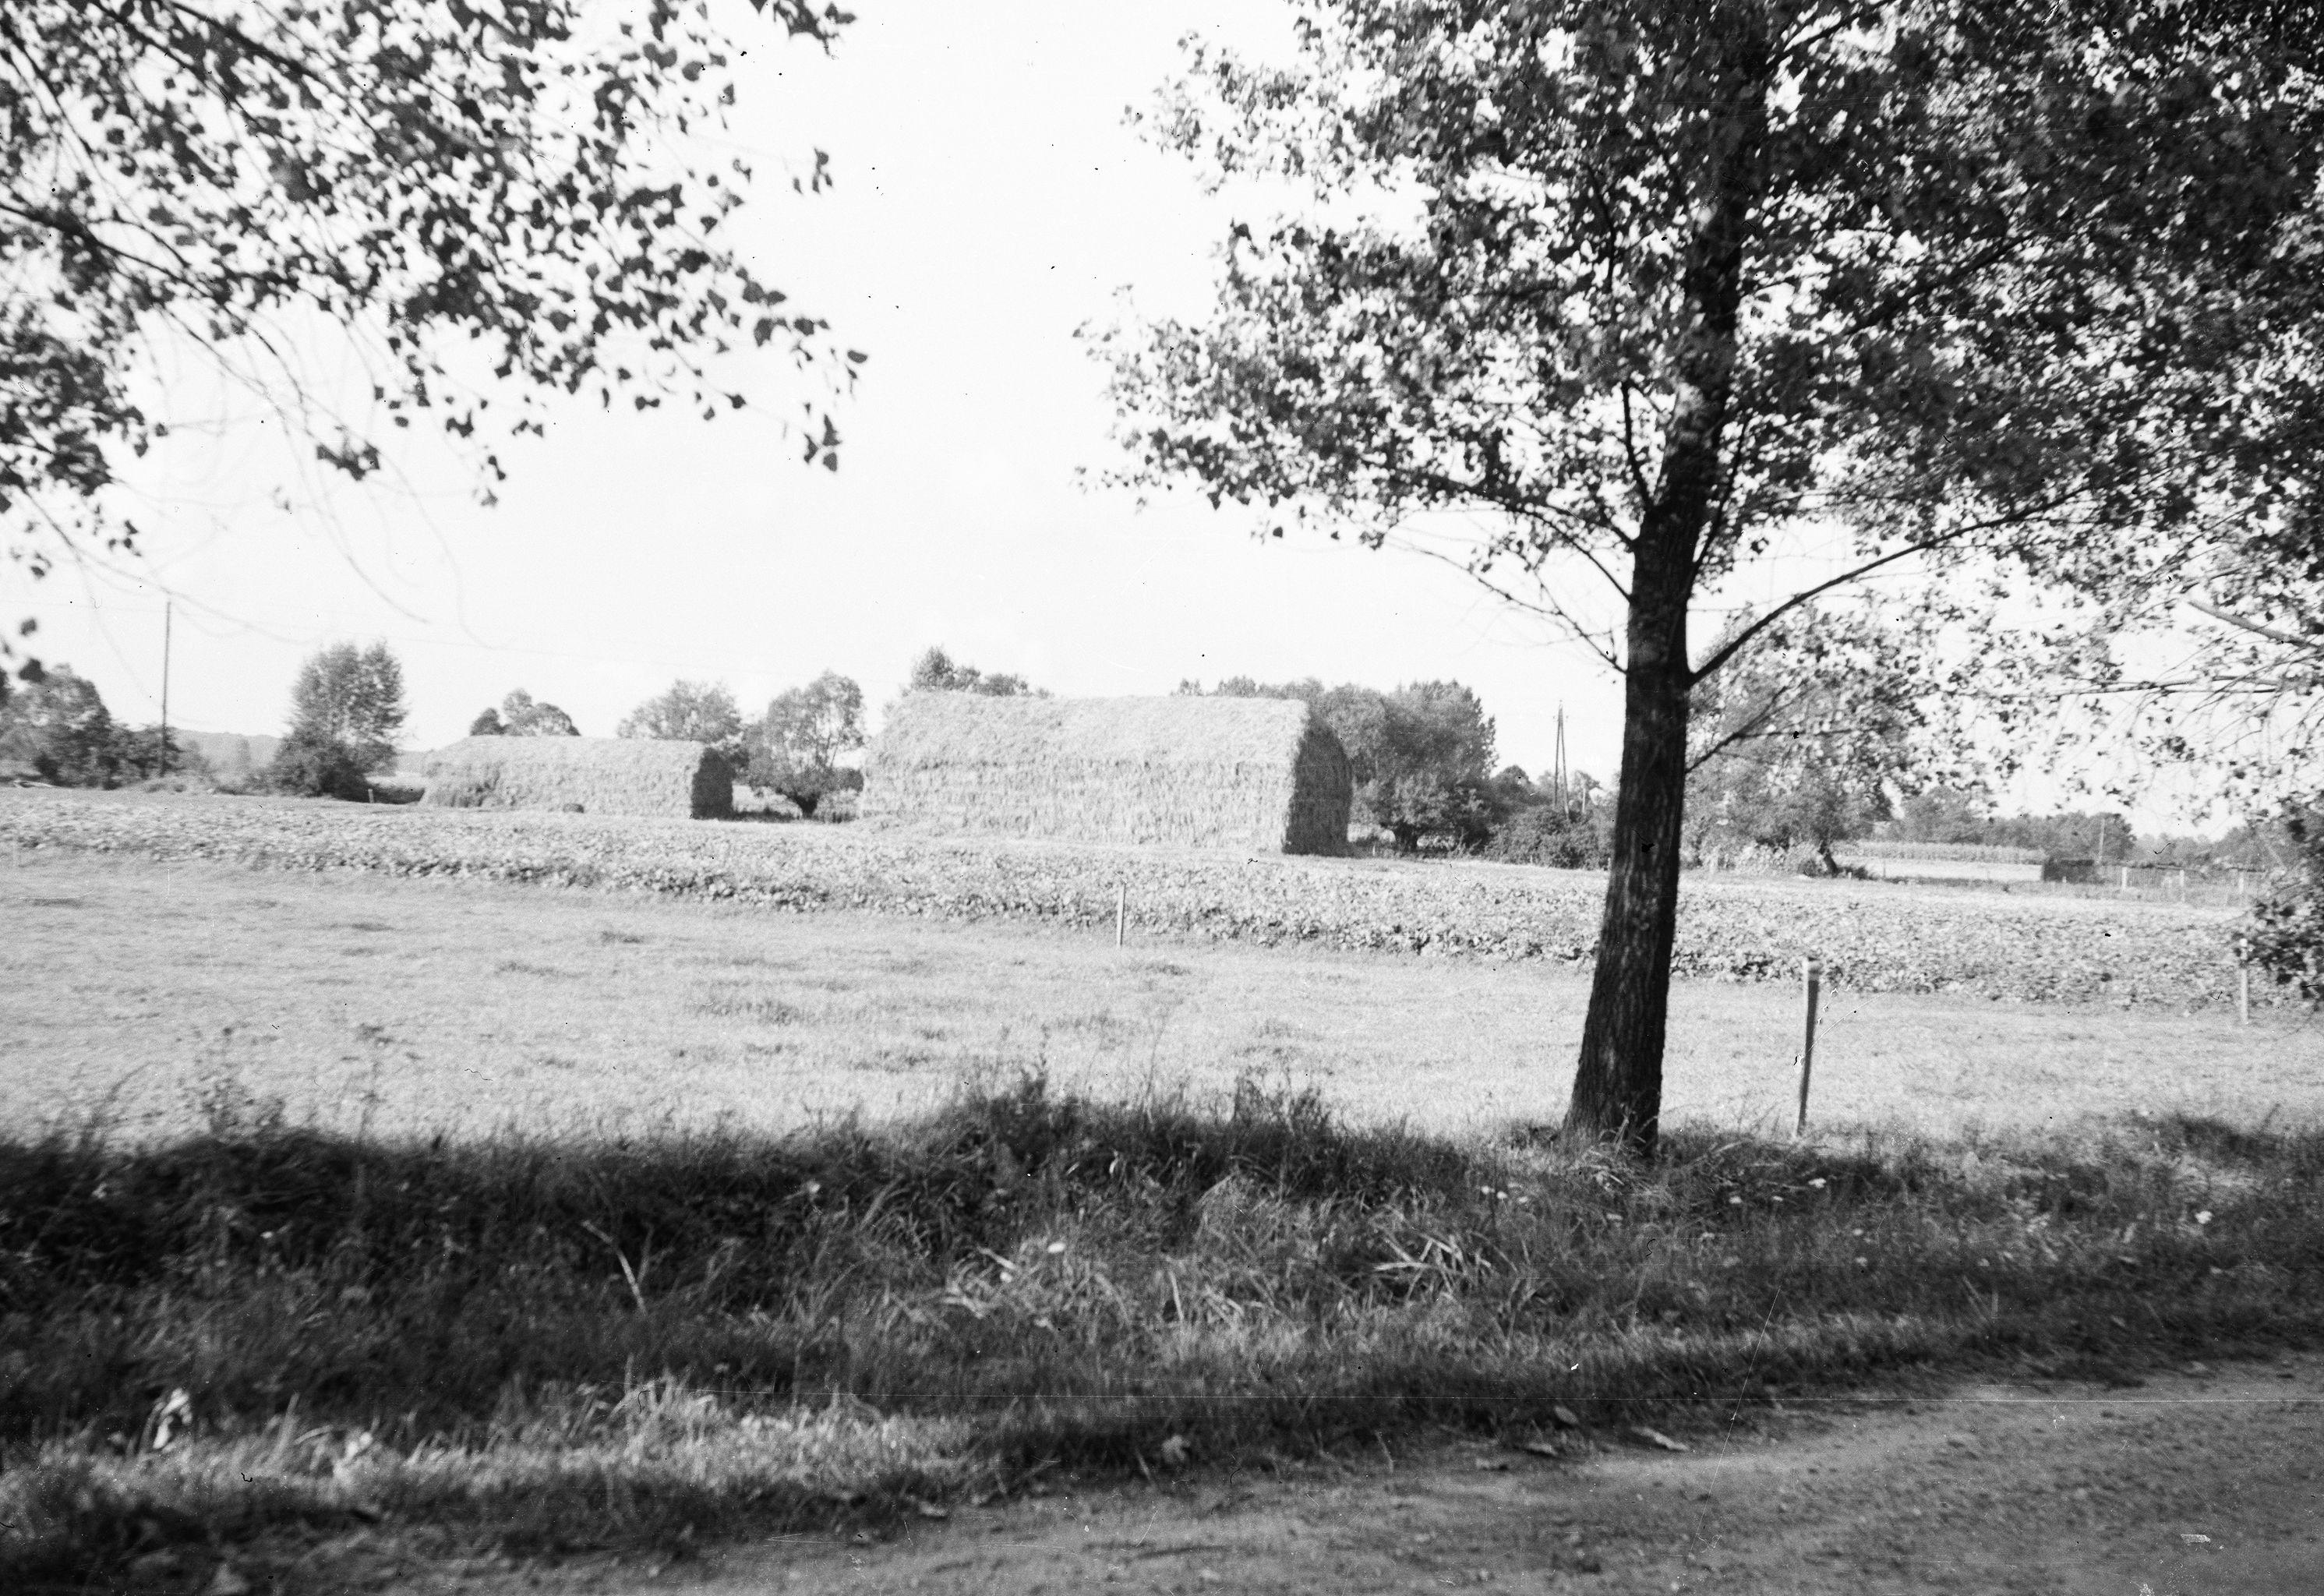 Widok na pola, Brzózka, Dolny Śląsk, lata 80. XX w.